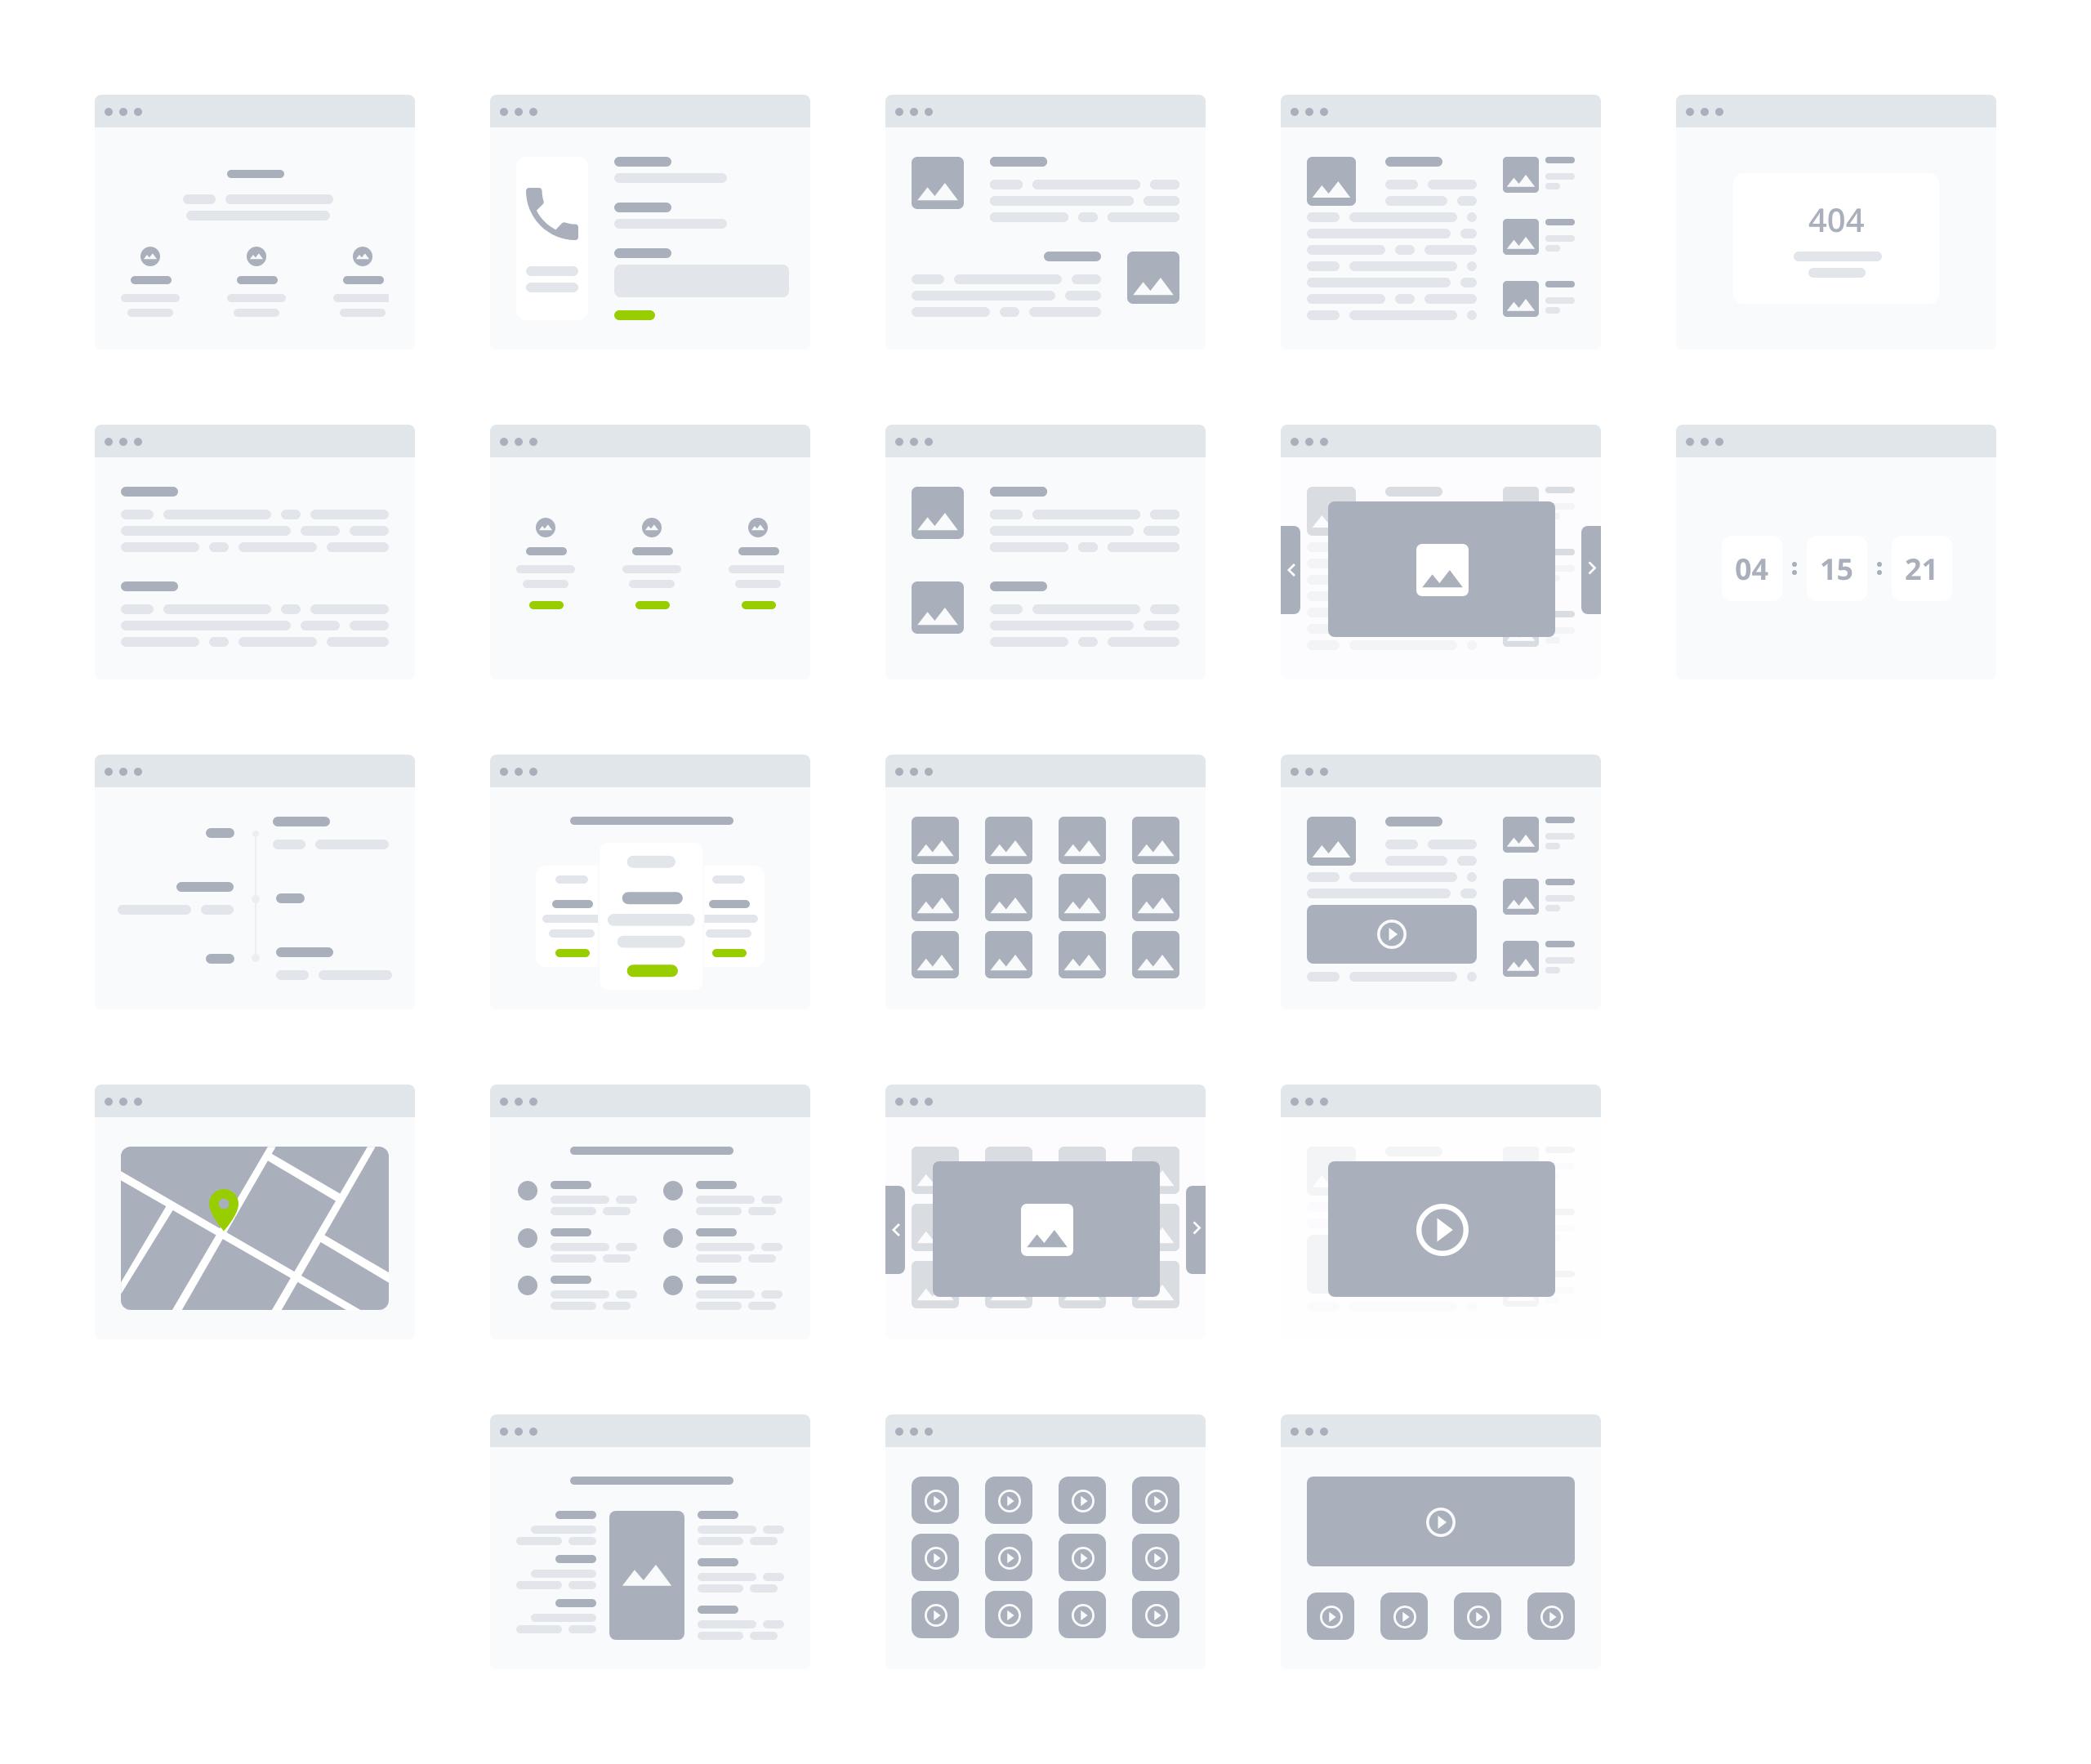 桌面产品设计流程图/线框图工具包插图